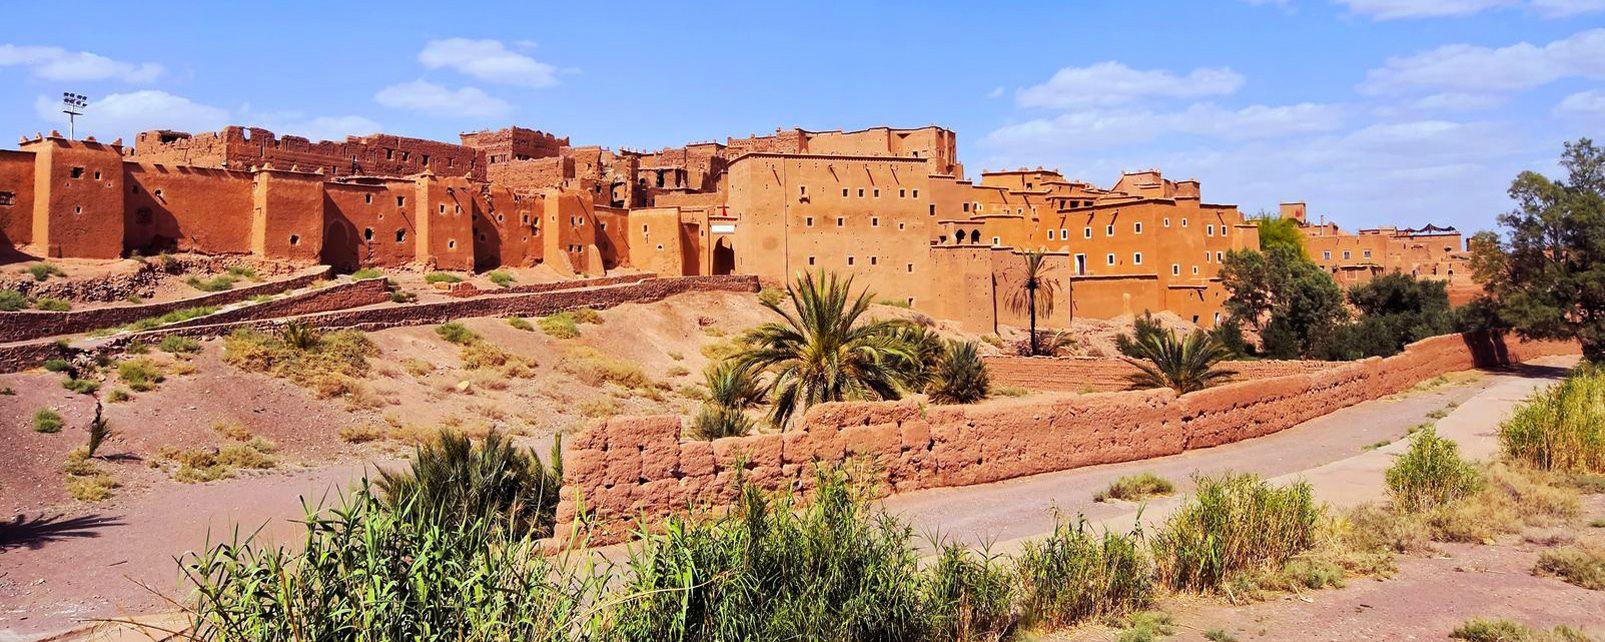 Les arts et la culture, glaoui, Maroc, kasbah, taourirt, maghreb, afrique